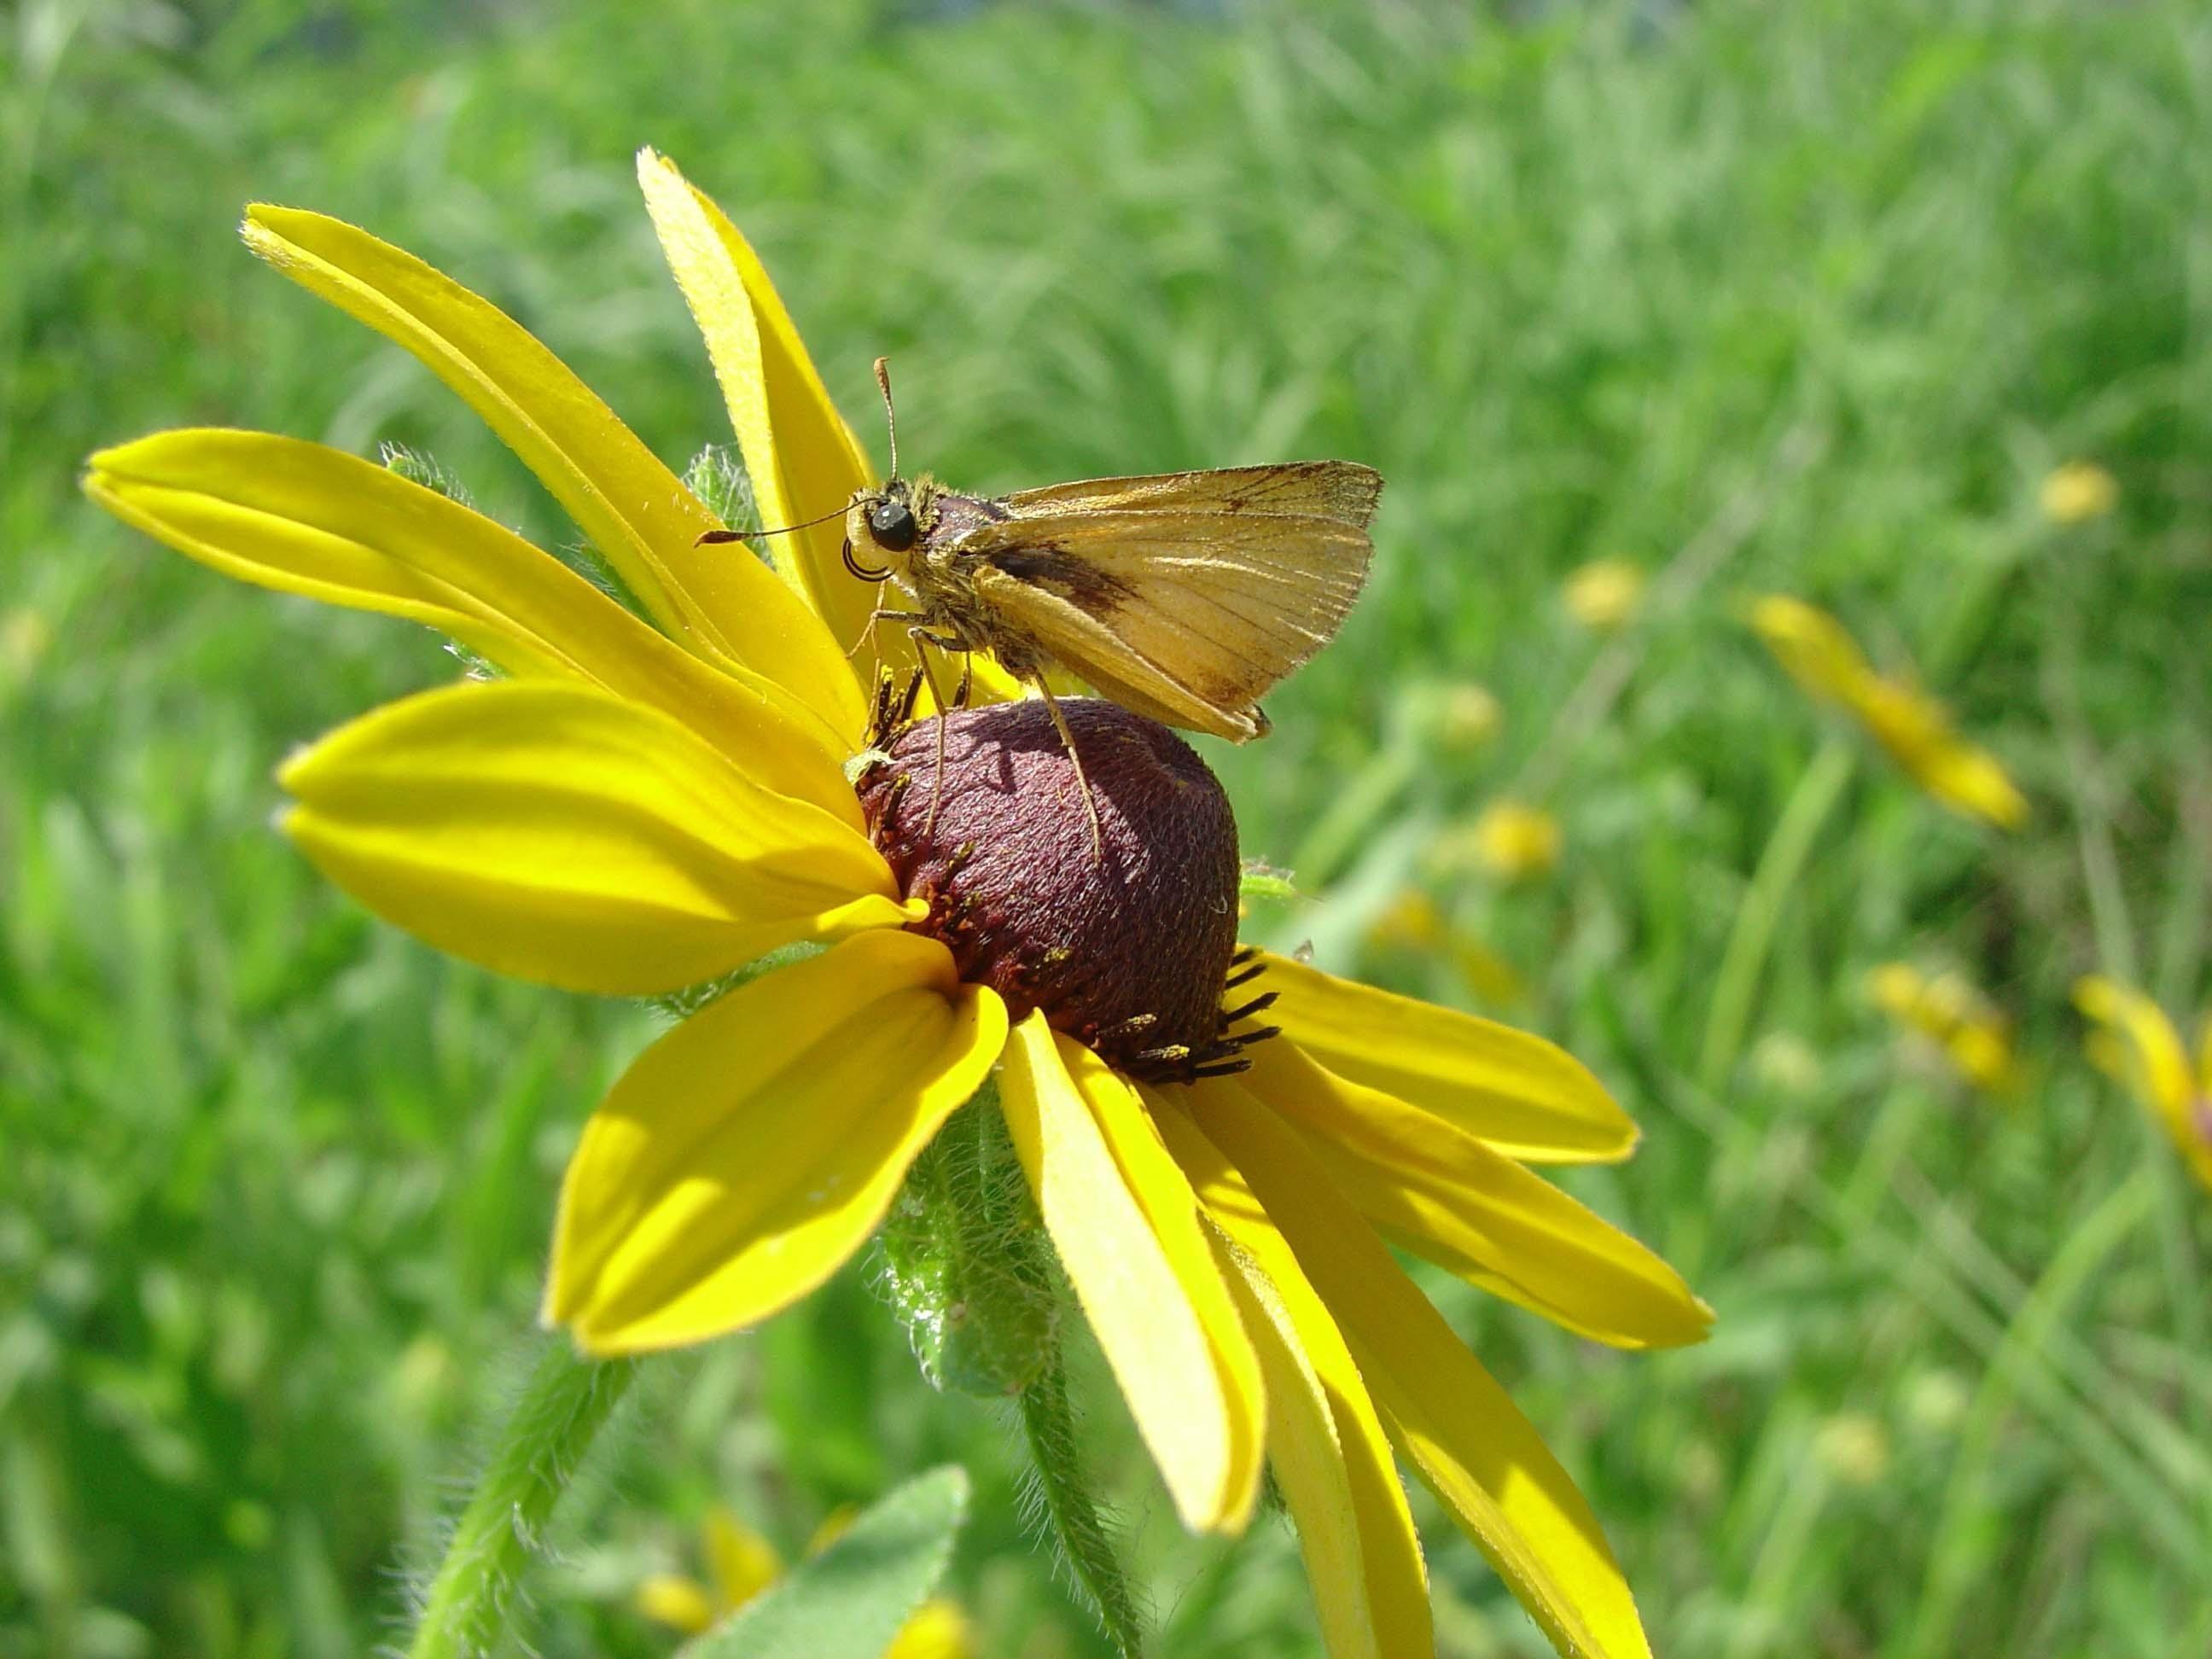 Delaware skipper on the flower photo